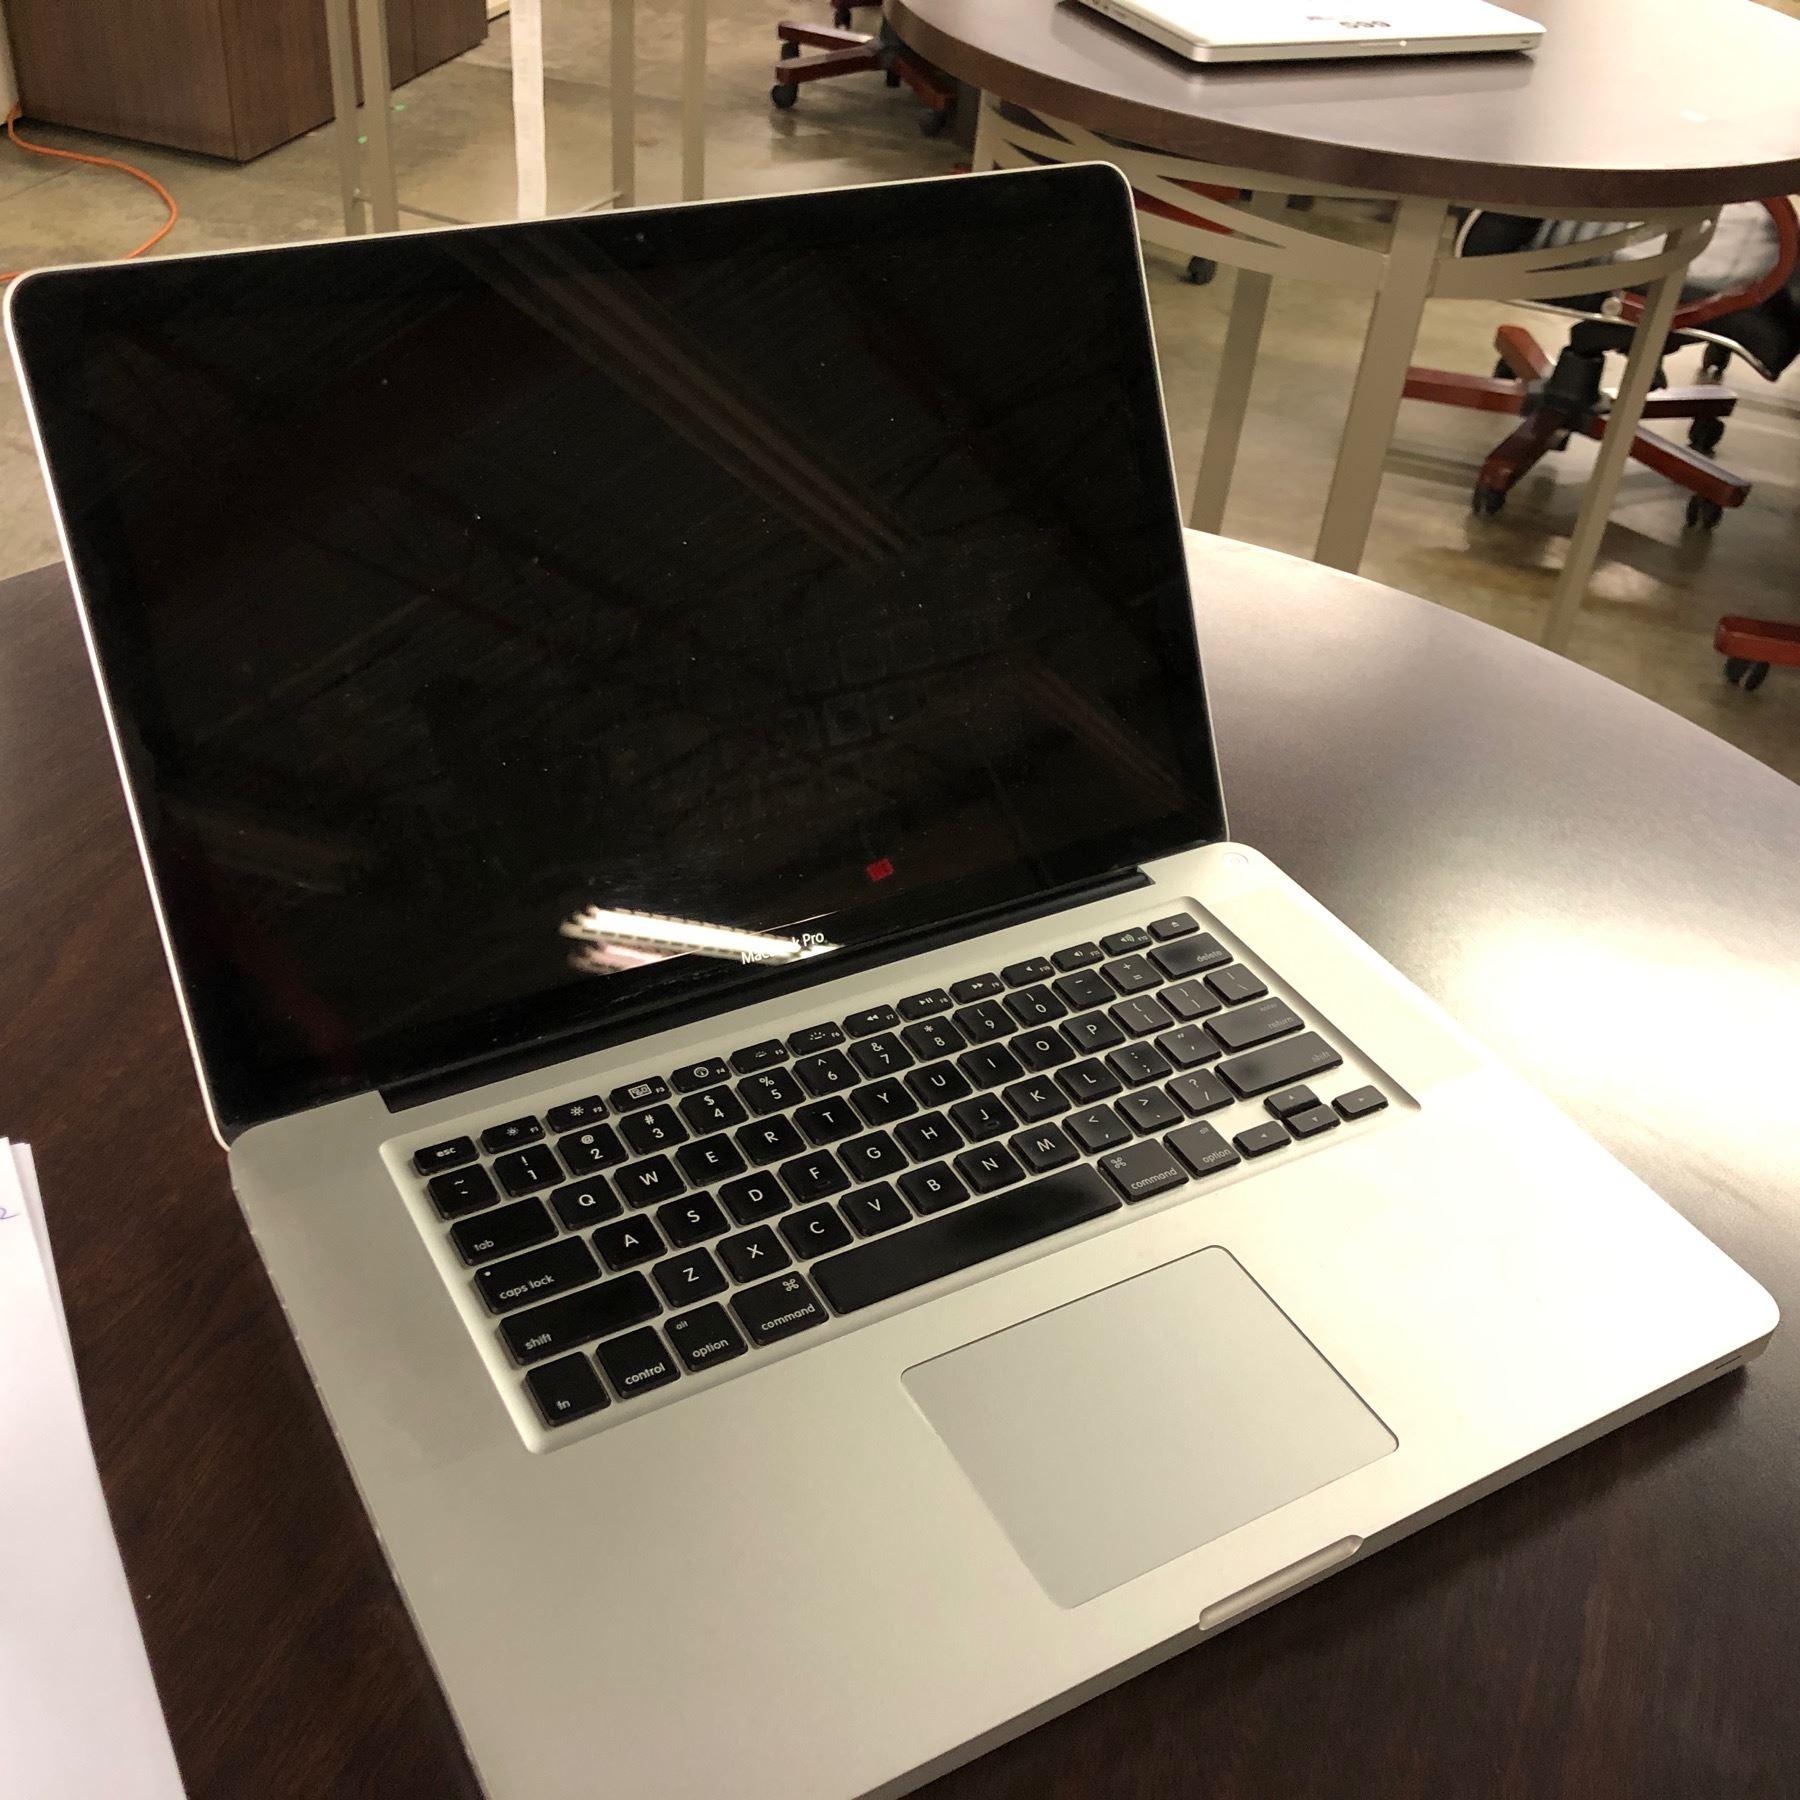 apple macbook pro by serial number